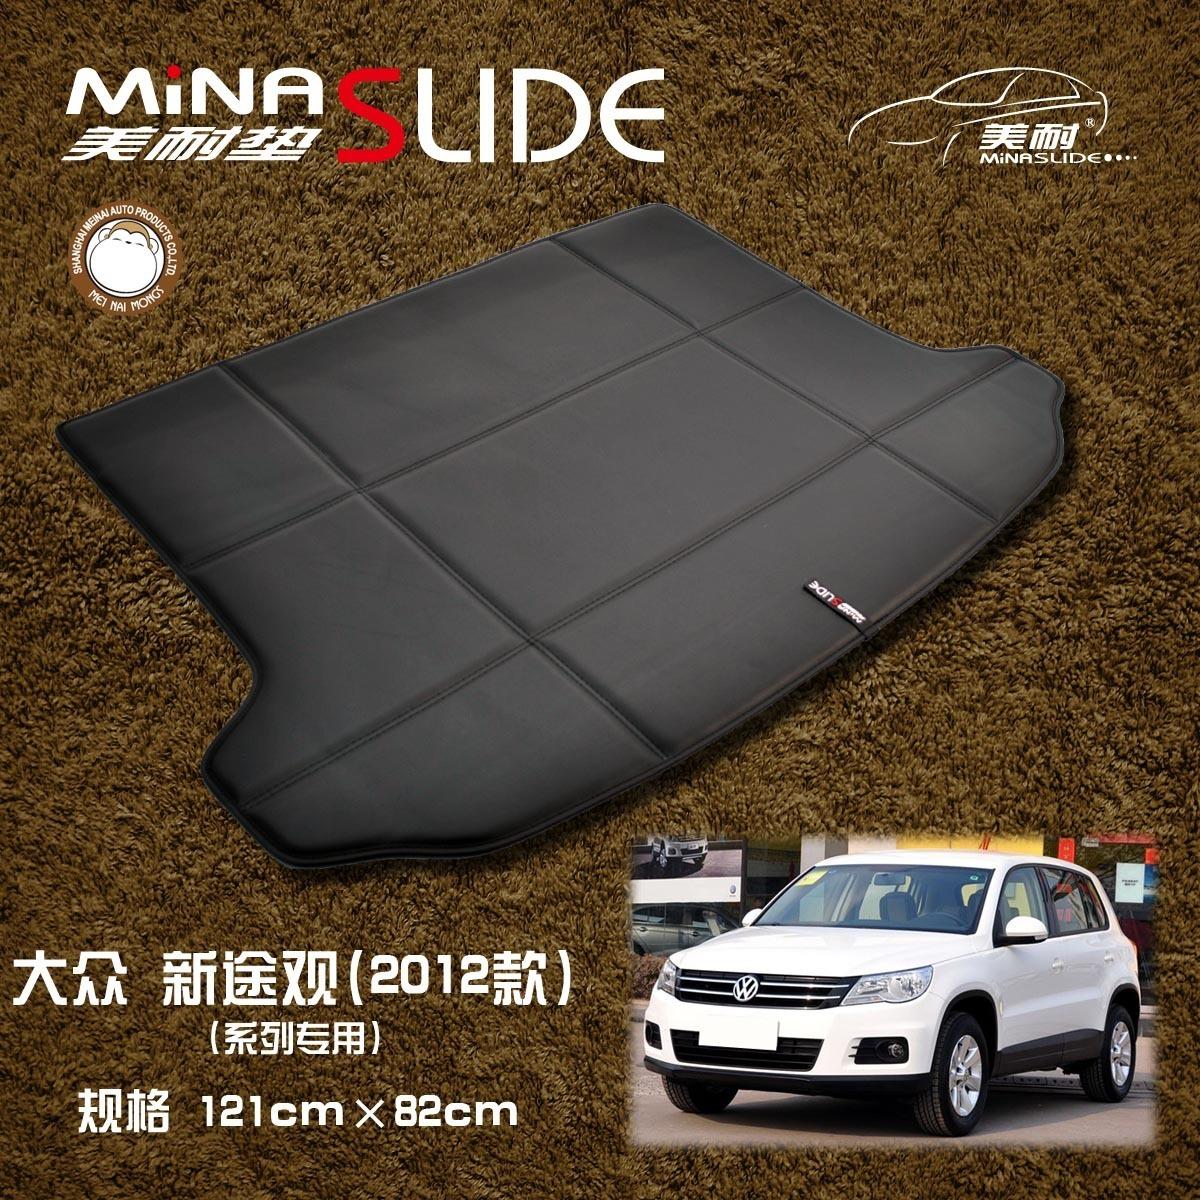 美耐尾箱垫汽车后备箱垫子 2012款大众途观后备箱垫途安后备箱垫